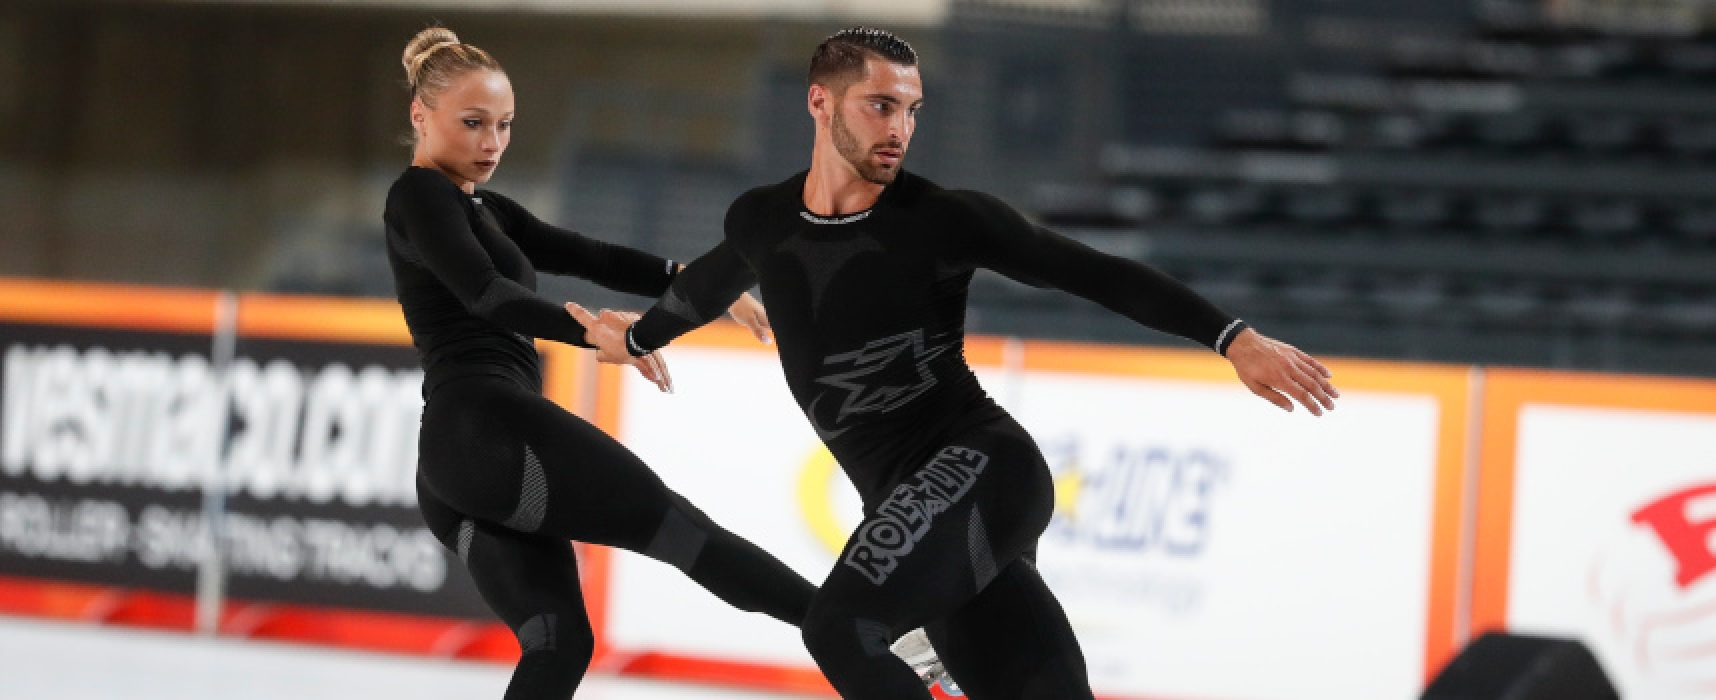 Pattinaggio artistico, al PalaDolmen stage con il campione del mondo Luca Lucaroni